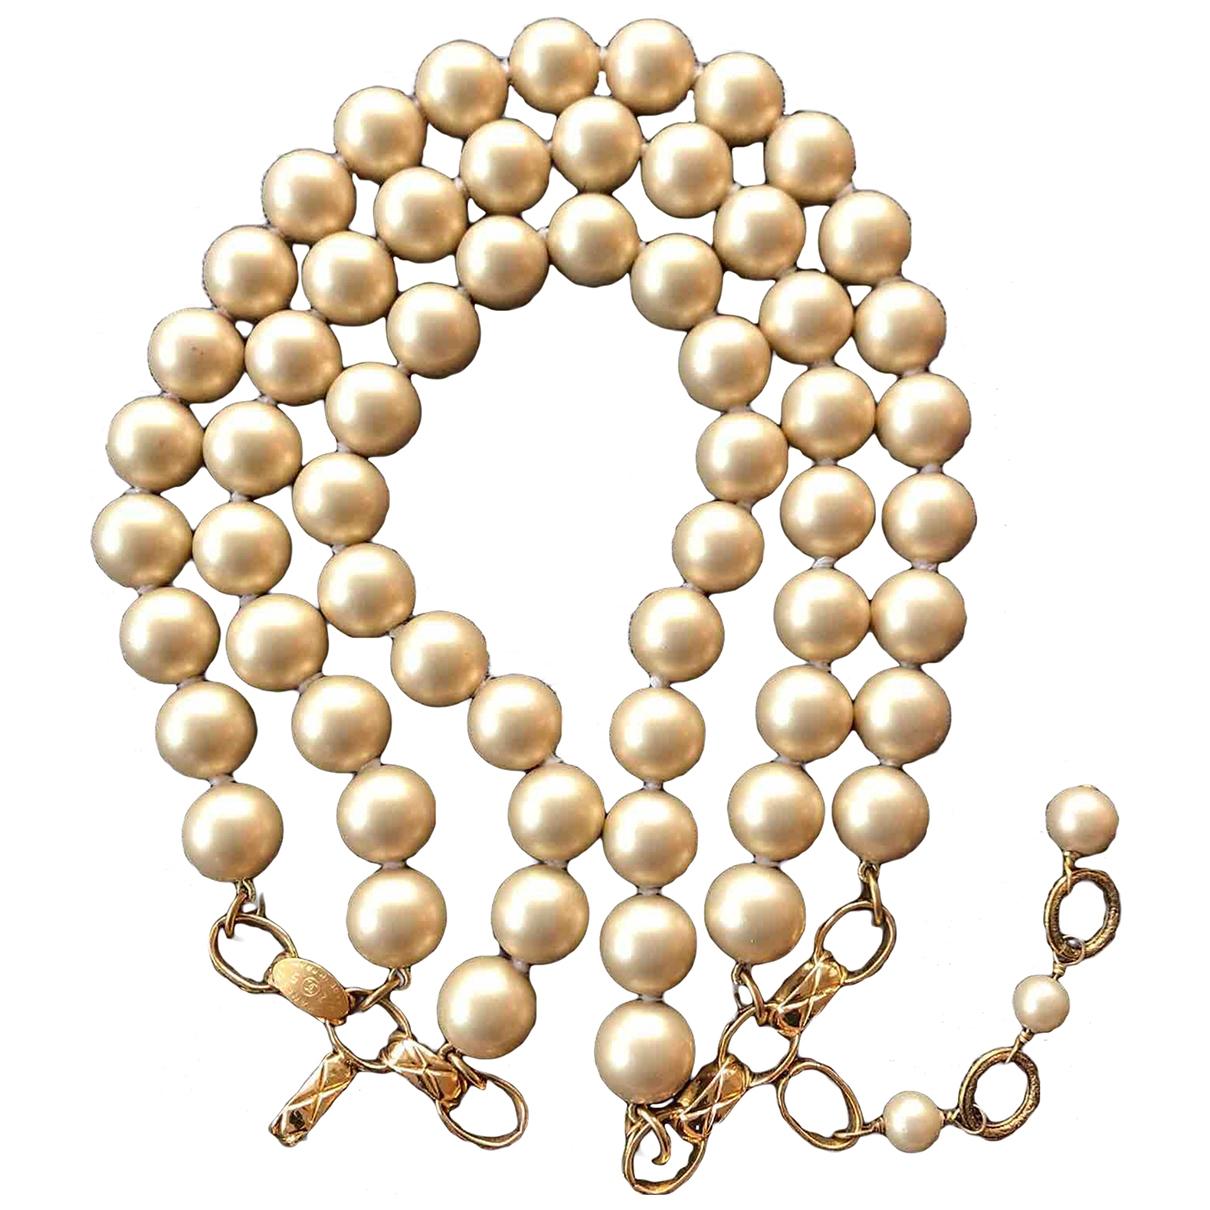 Chanel - Collier Matelasse pour femme en perles - jaune